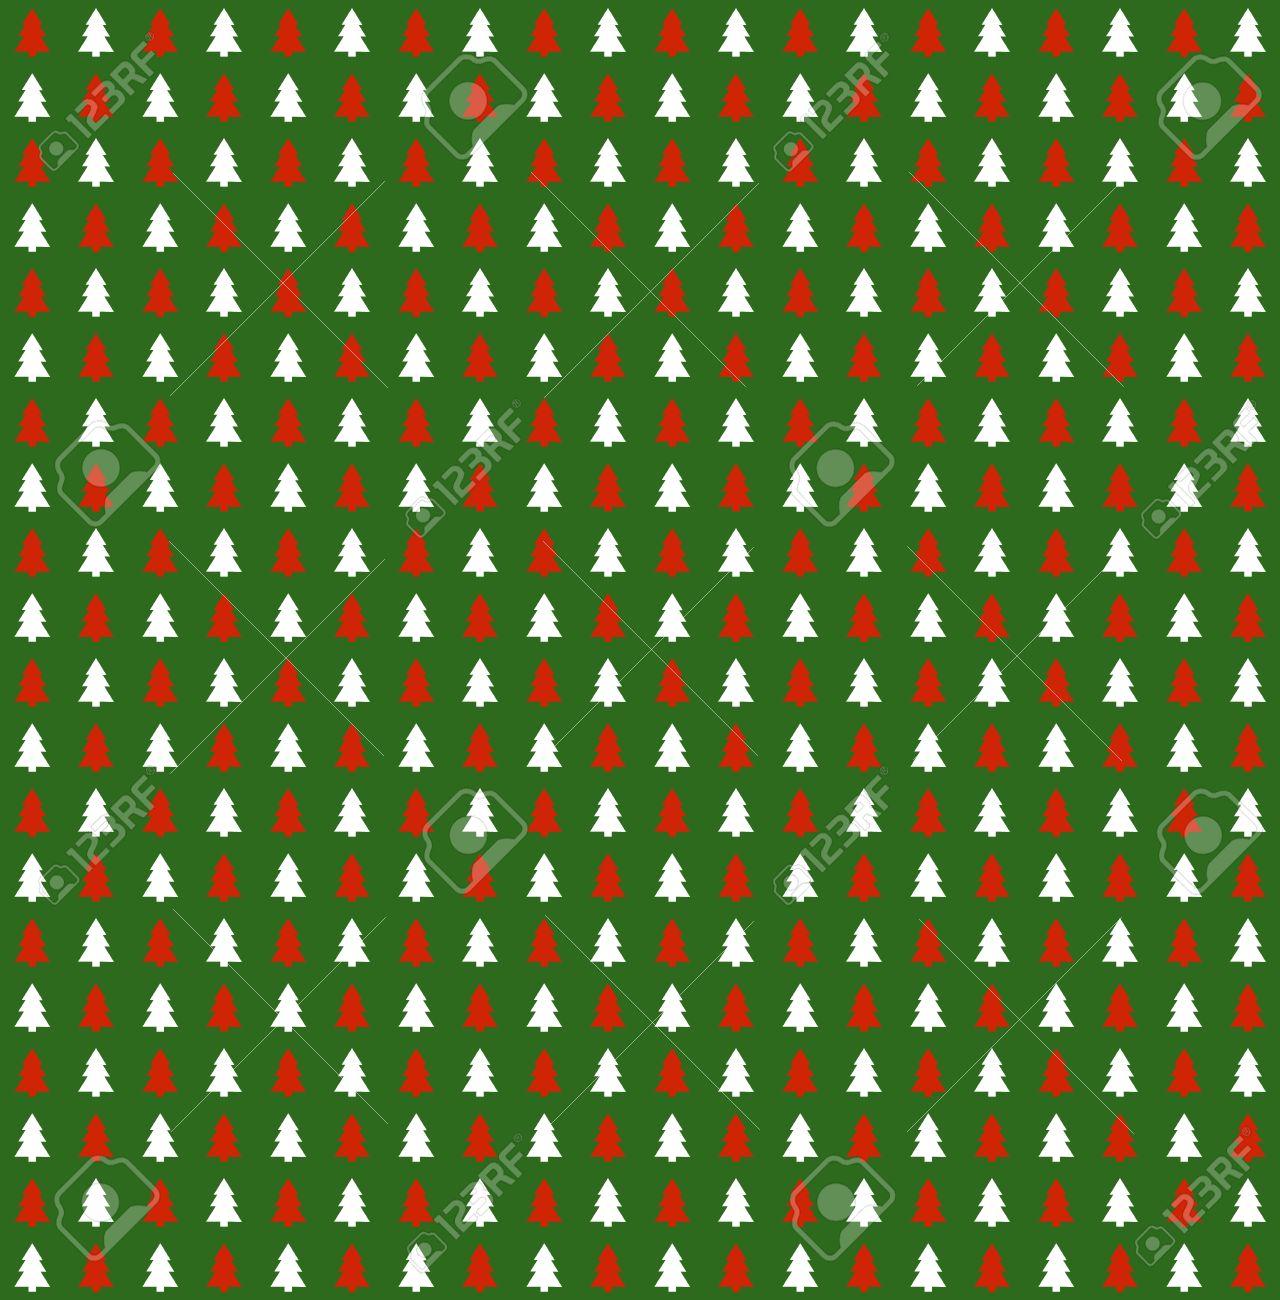 Geschenkpapier Weihnachten.Stock Photo